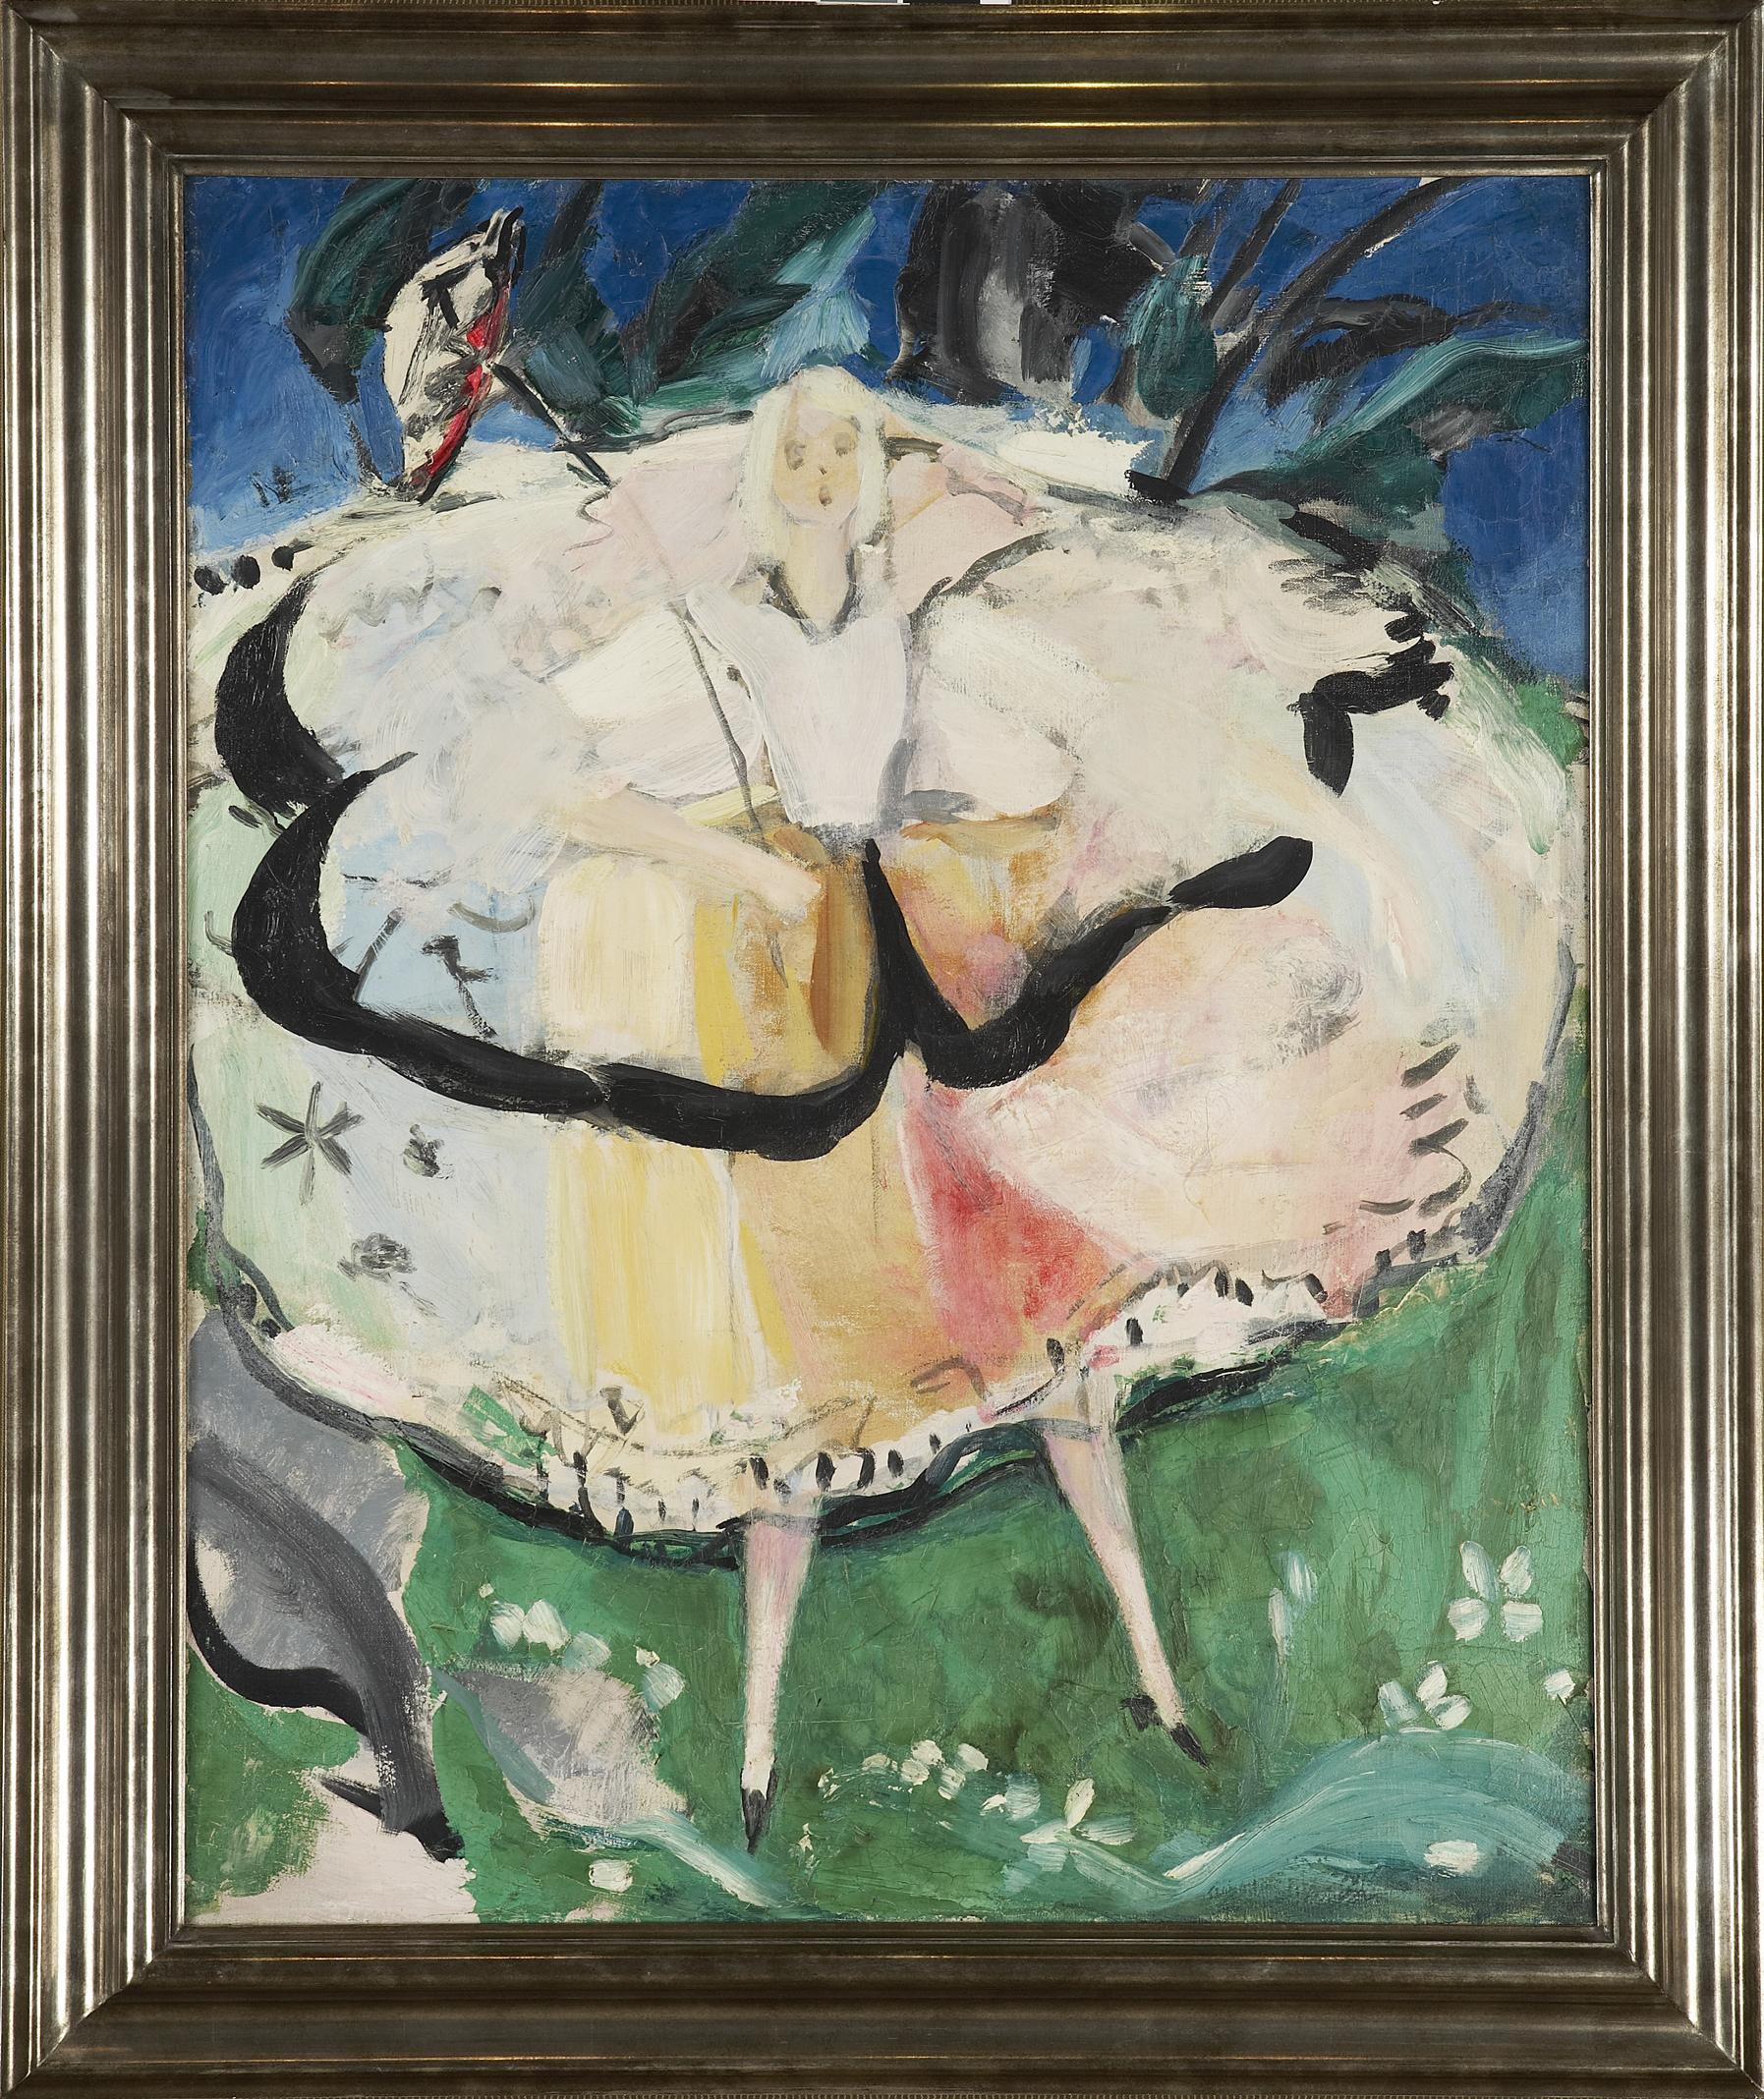 Cendrillon, Jacqueline Marval, 1928